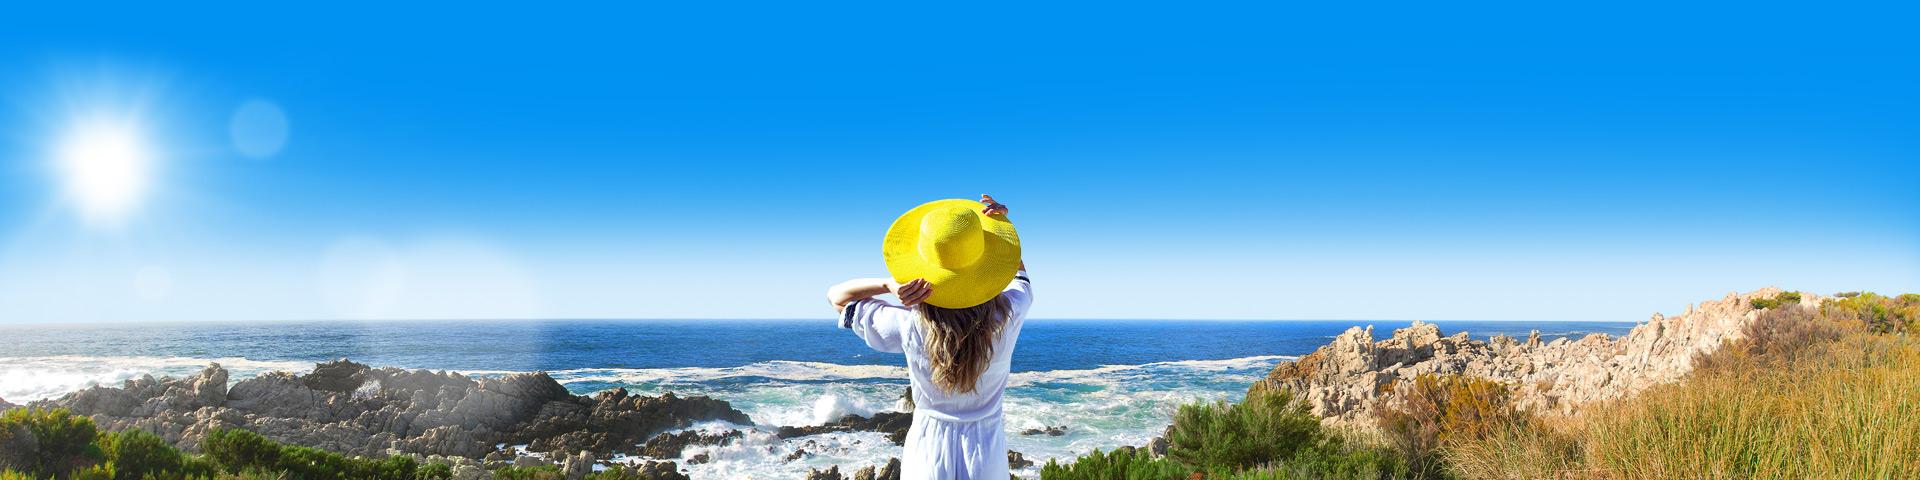 vrouw op een balkon die uitkijkt over het strand